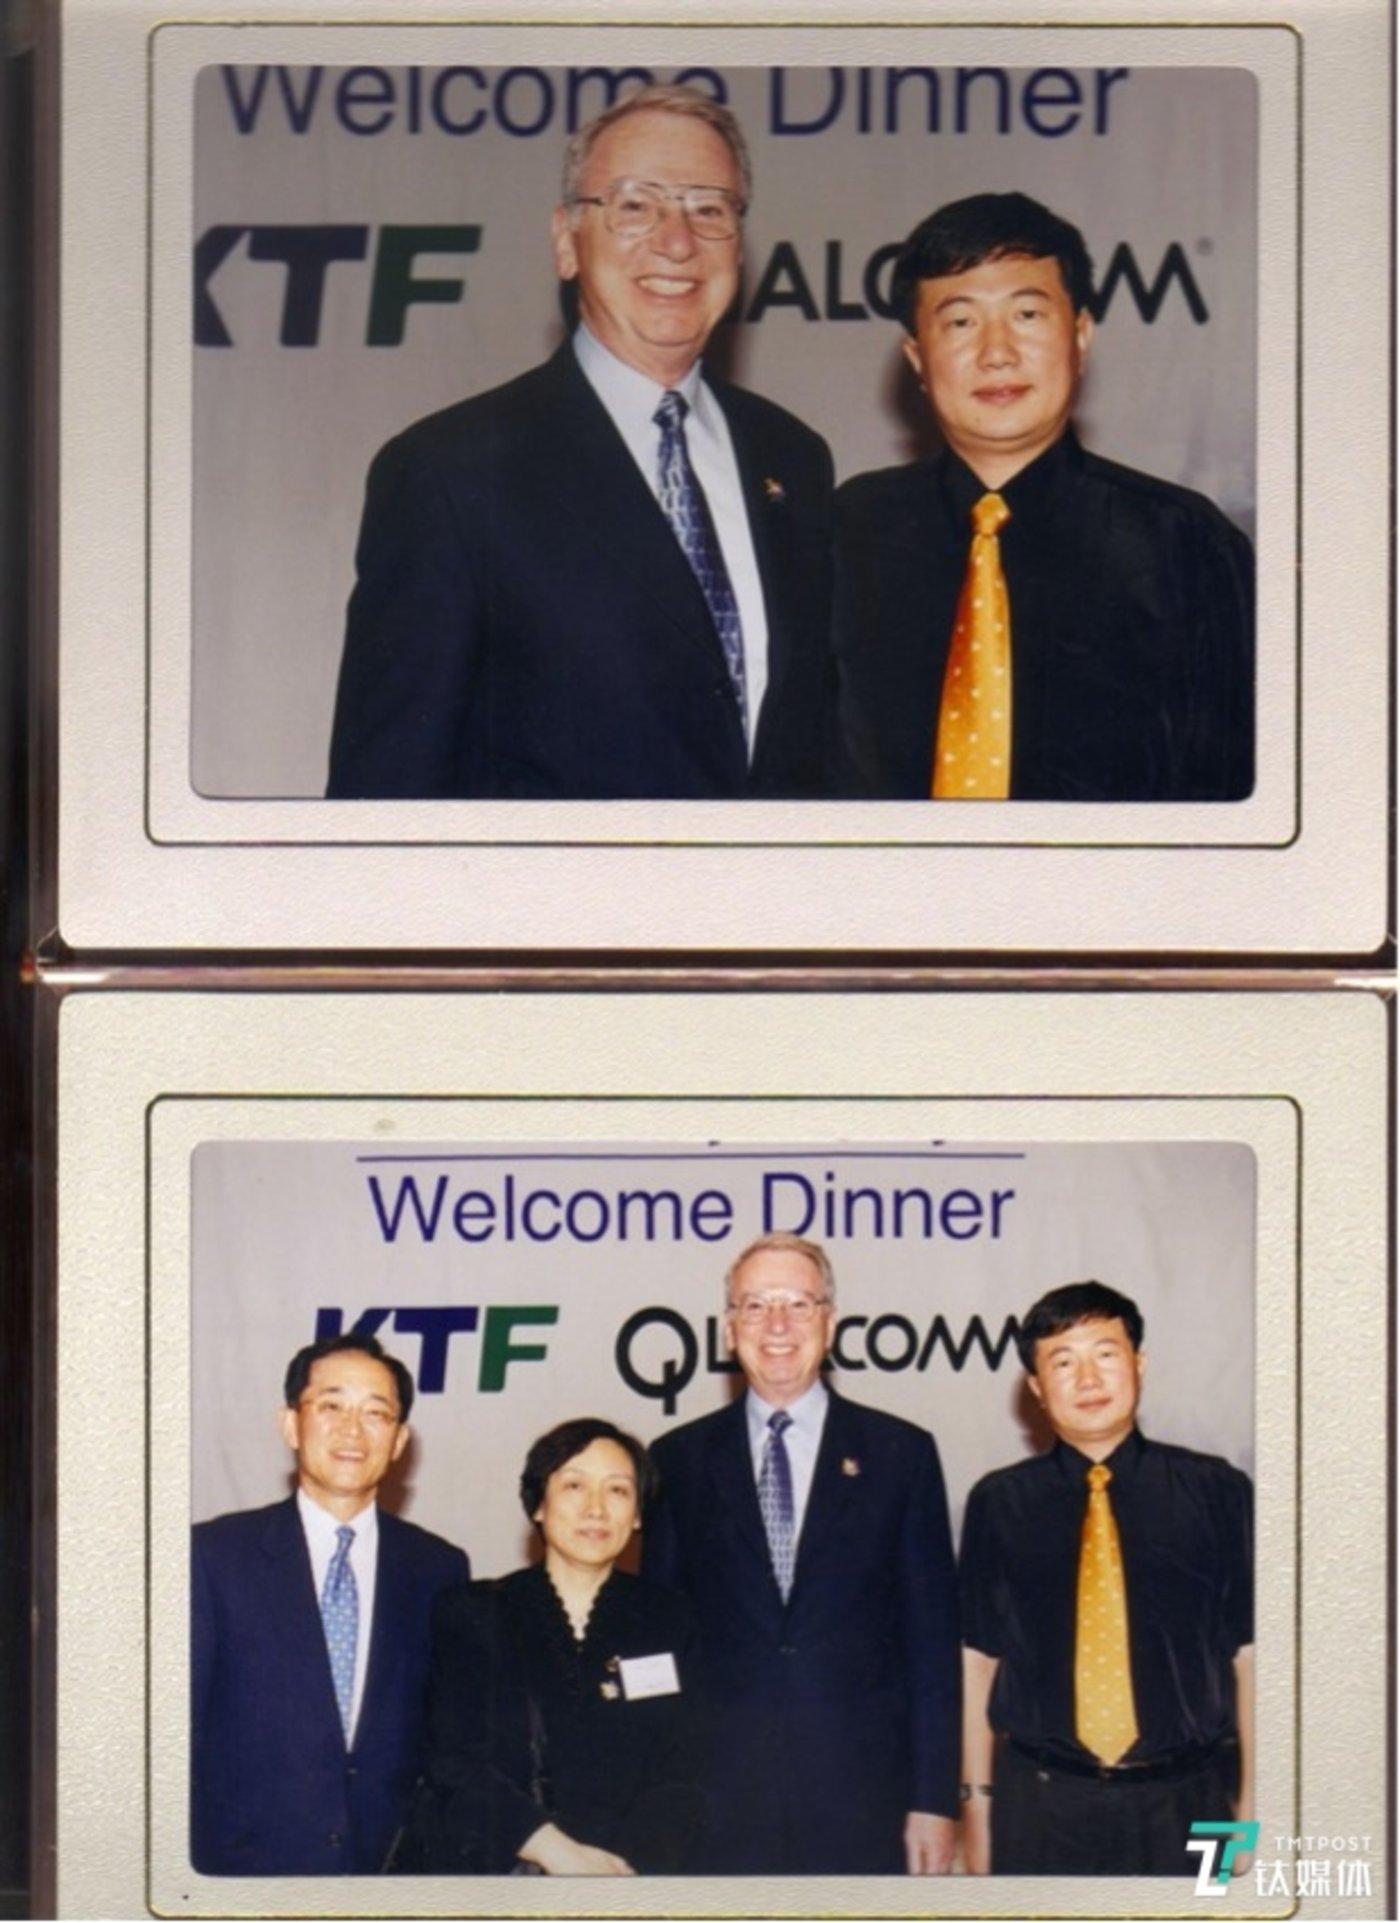 2002年2月25日,世界杯欢迎晚宴,韩国KTF公司副总裁迎接美国高通芯片公司创始人艾文·雅各布斯,中电通信公司张富春。图片由受访者本人提供。